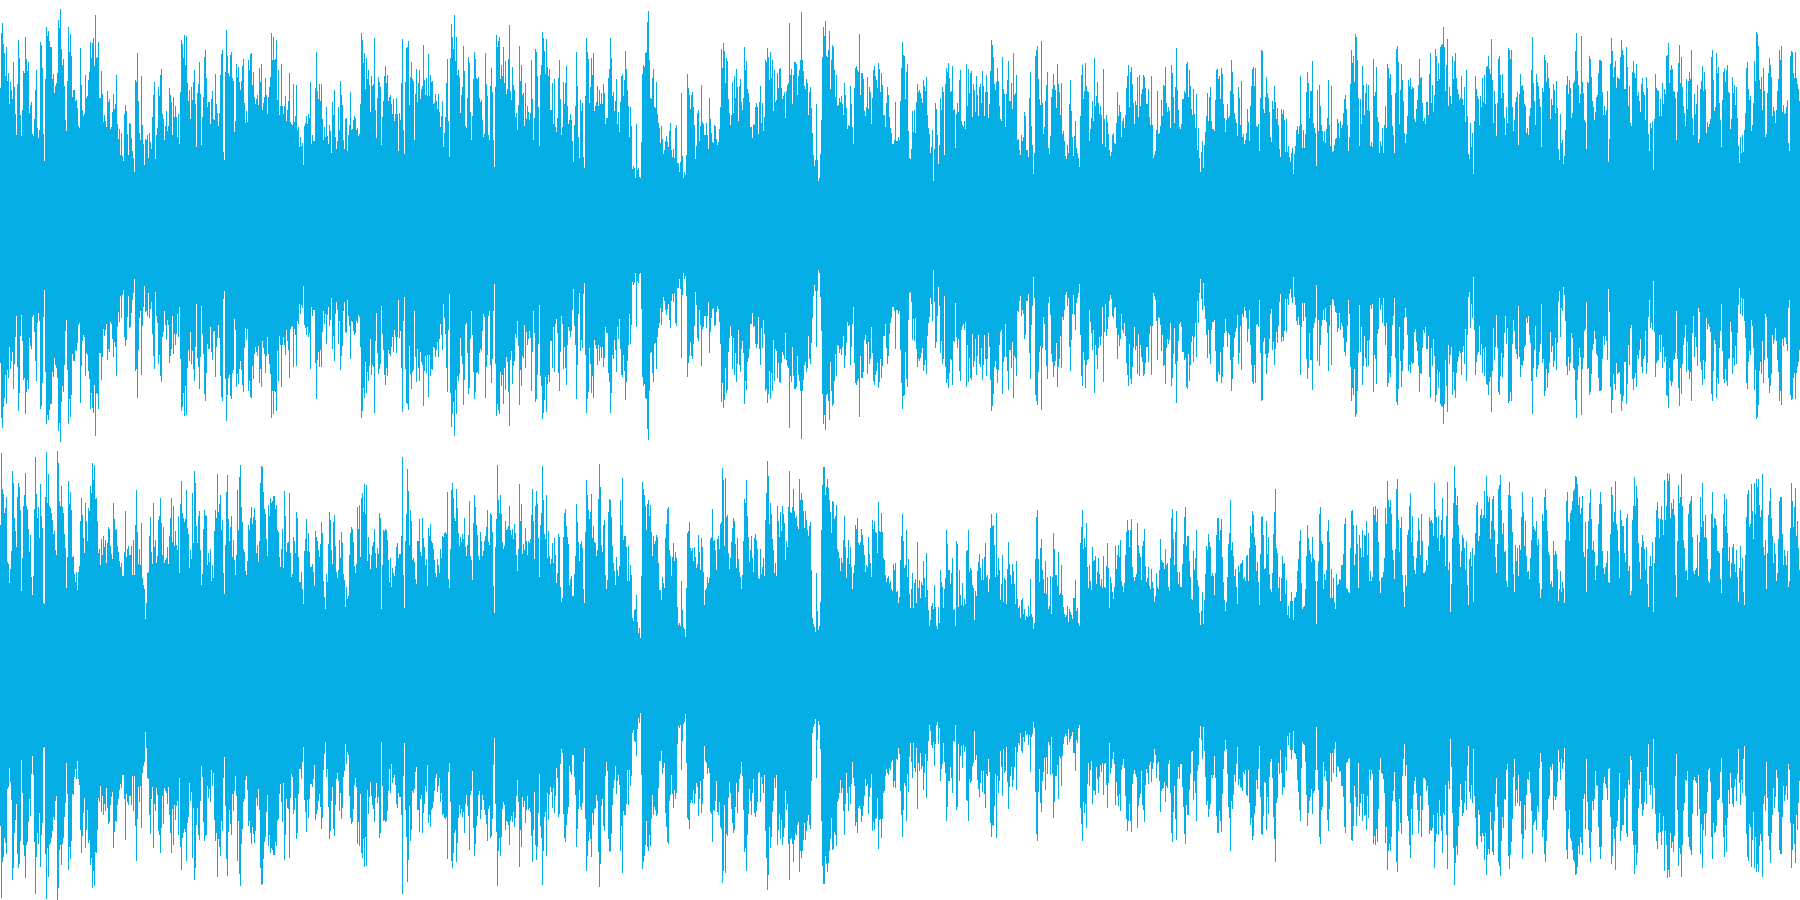 行進曲 勇ましい RPG風 ループ1の再生済みの波形